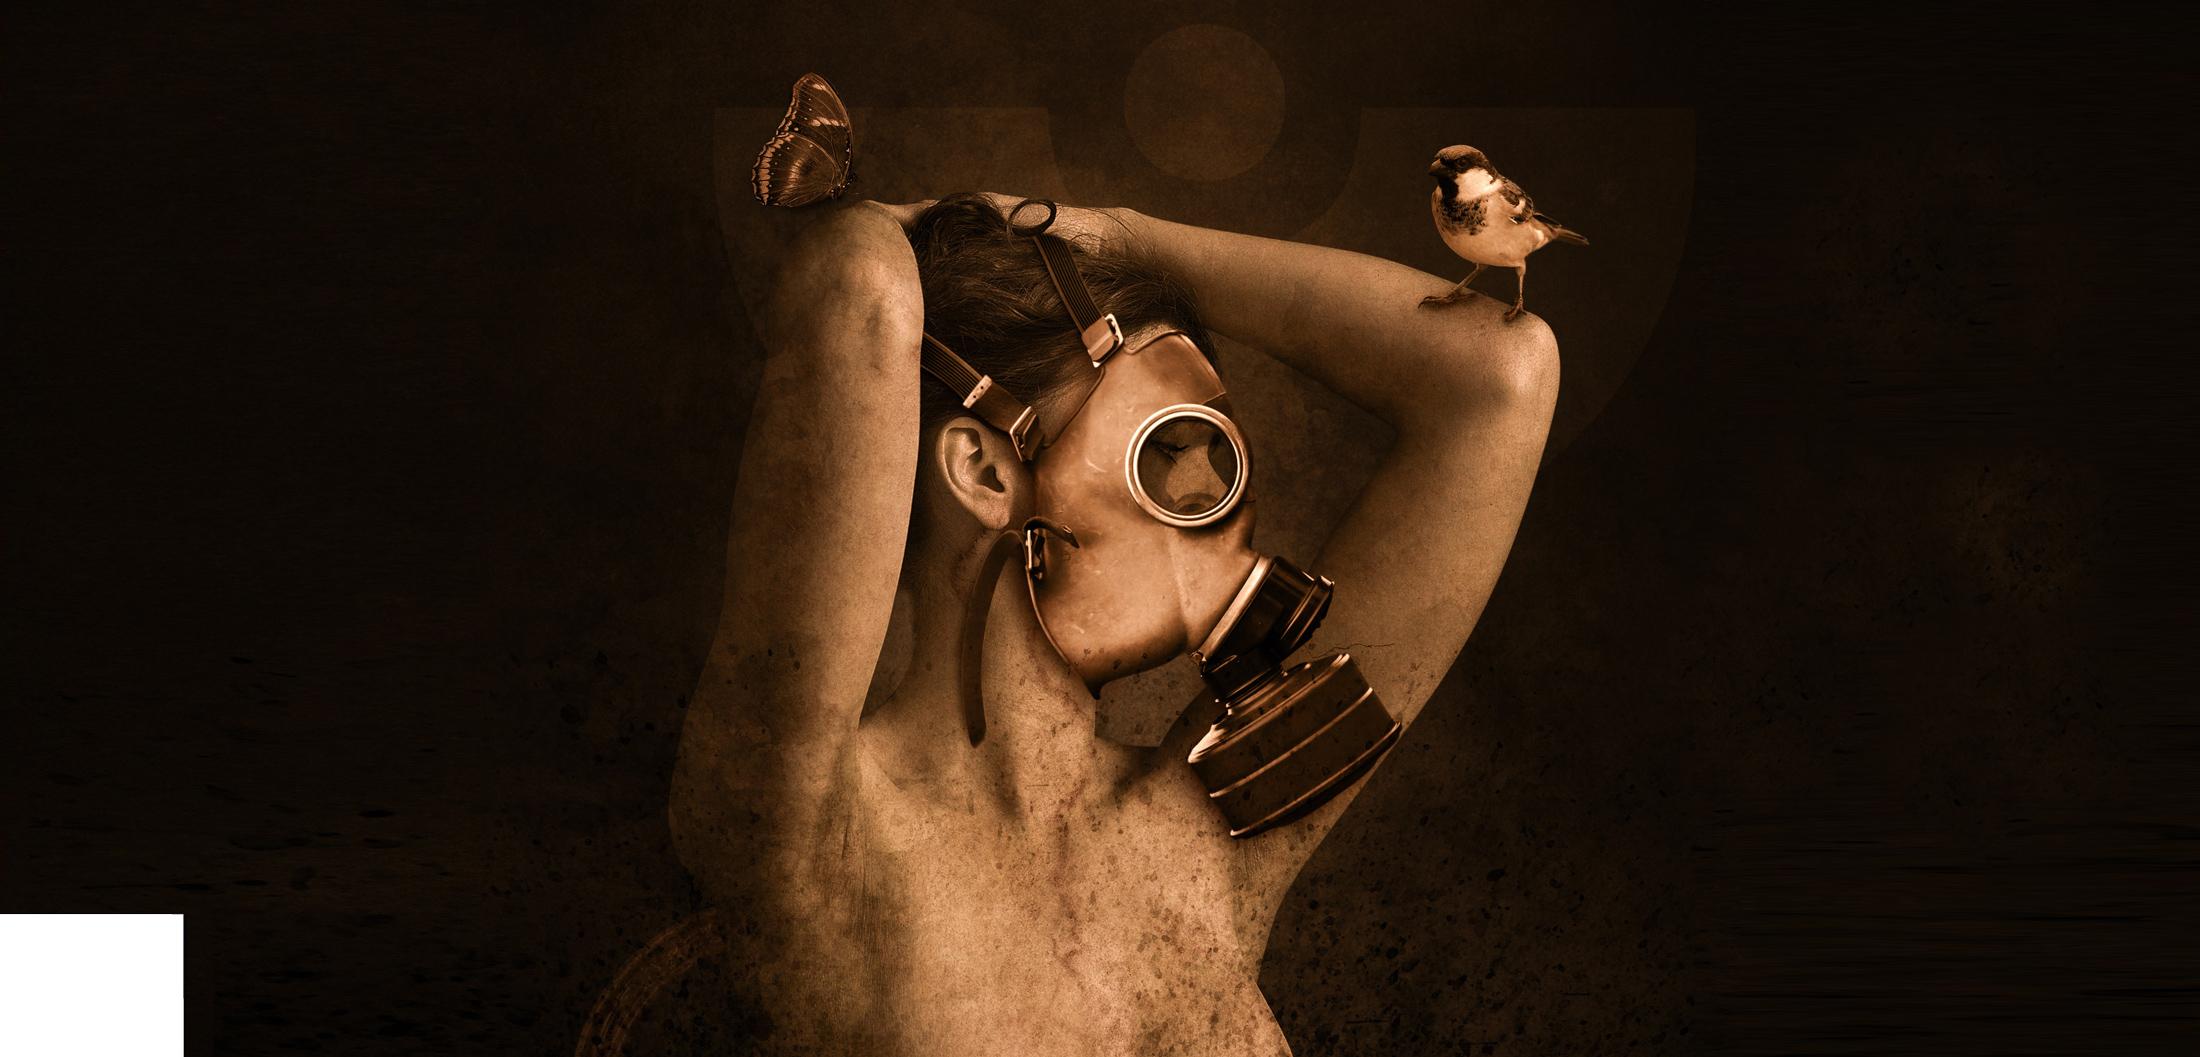 Giftgas – der unsichtbare Tod. Im Gespräch mit Jakob Reimann. <br>  <span id='sec-title'>Über die moralische Erpressung, wenn wir vom Gas getötete Kinder sehen.</span>